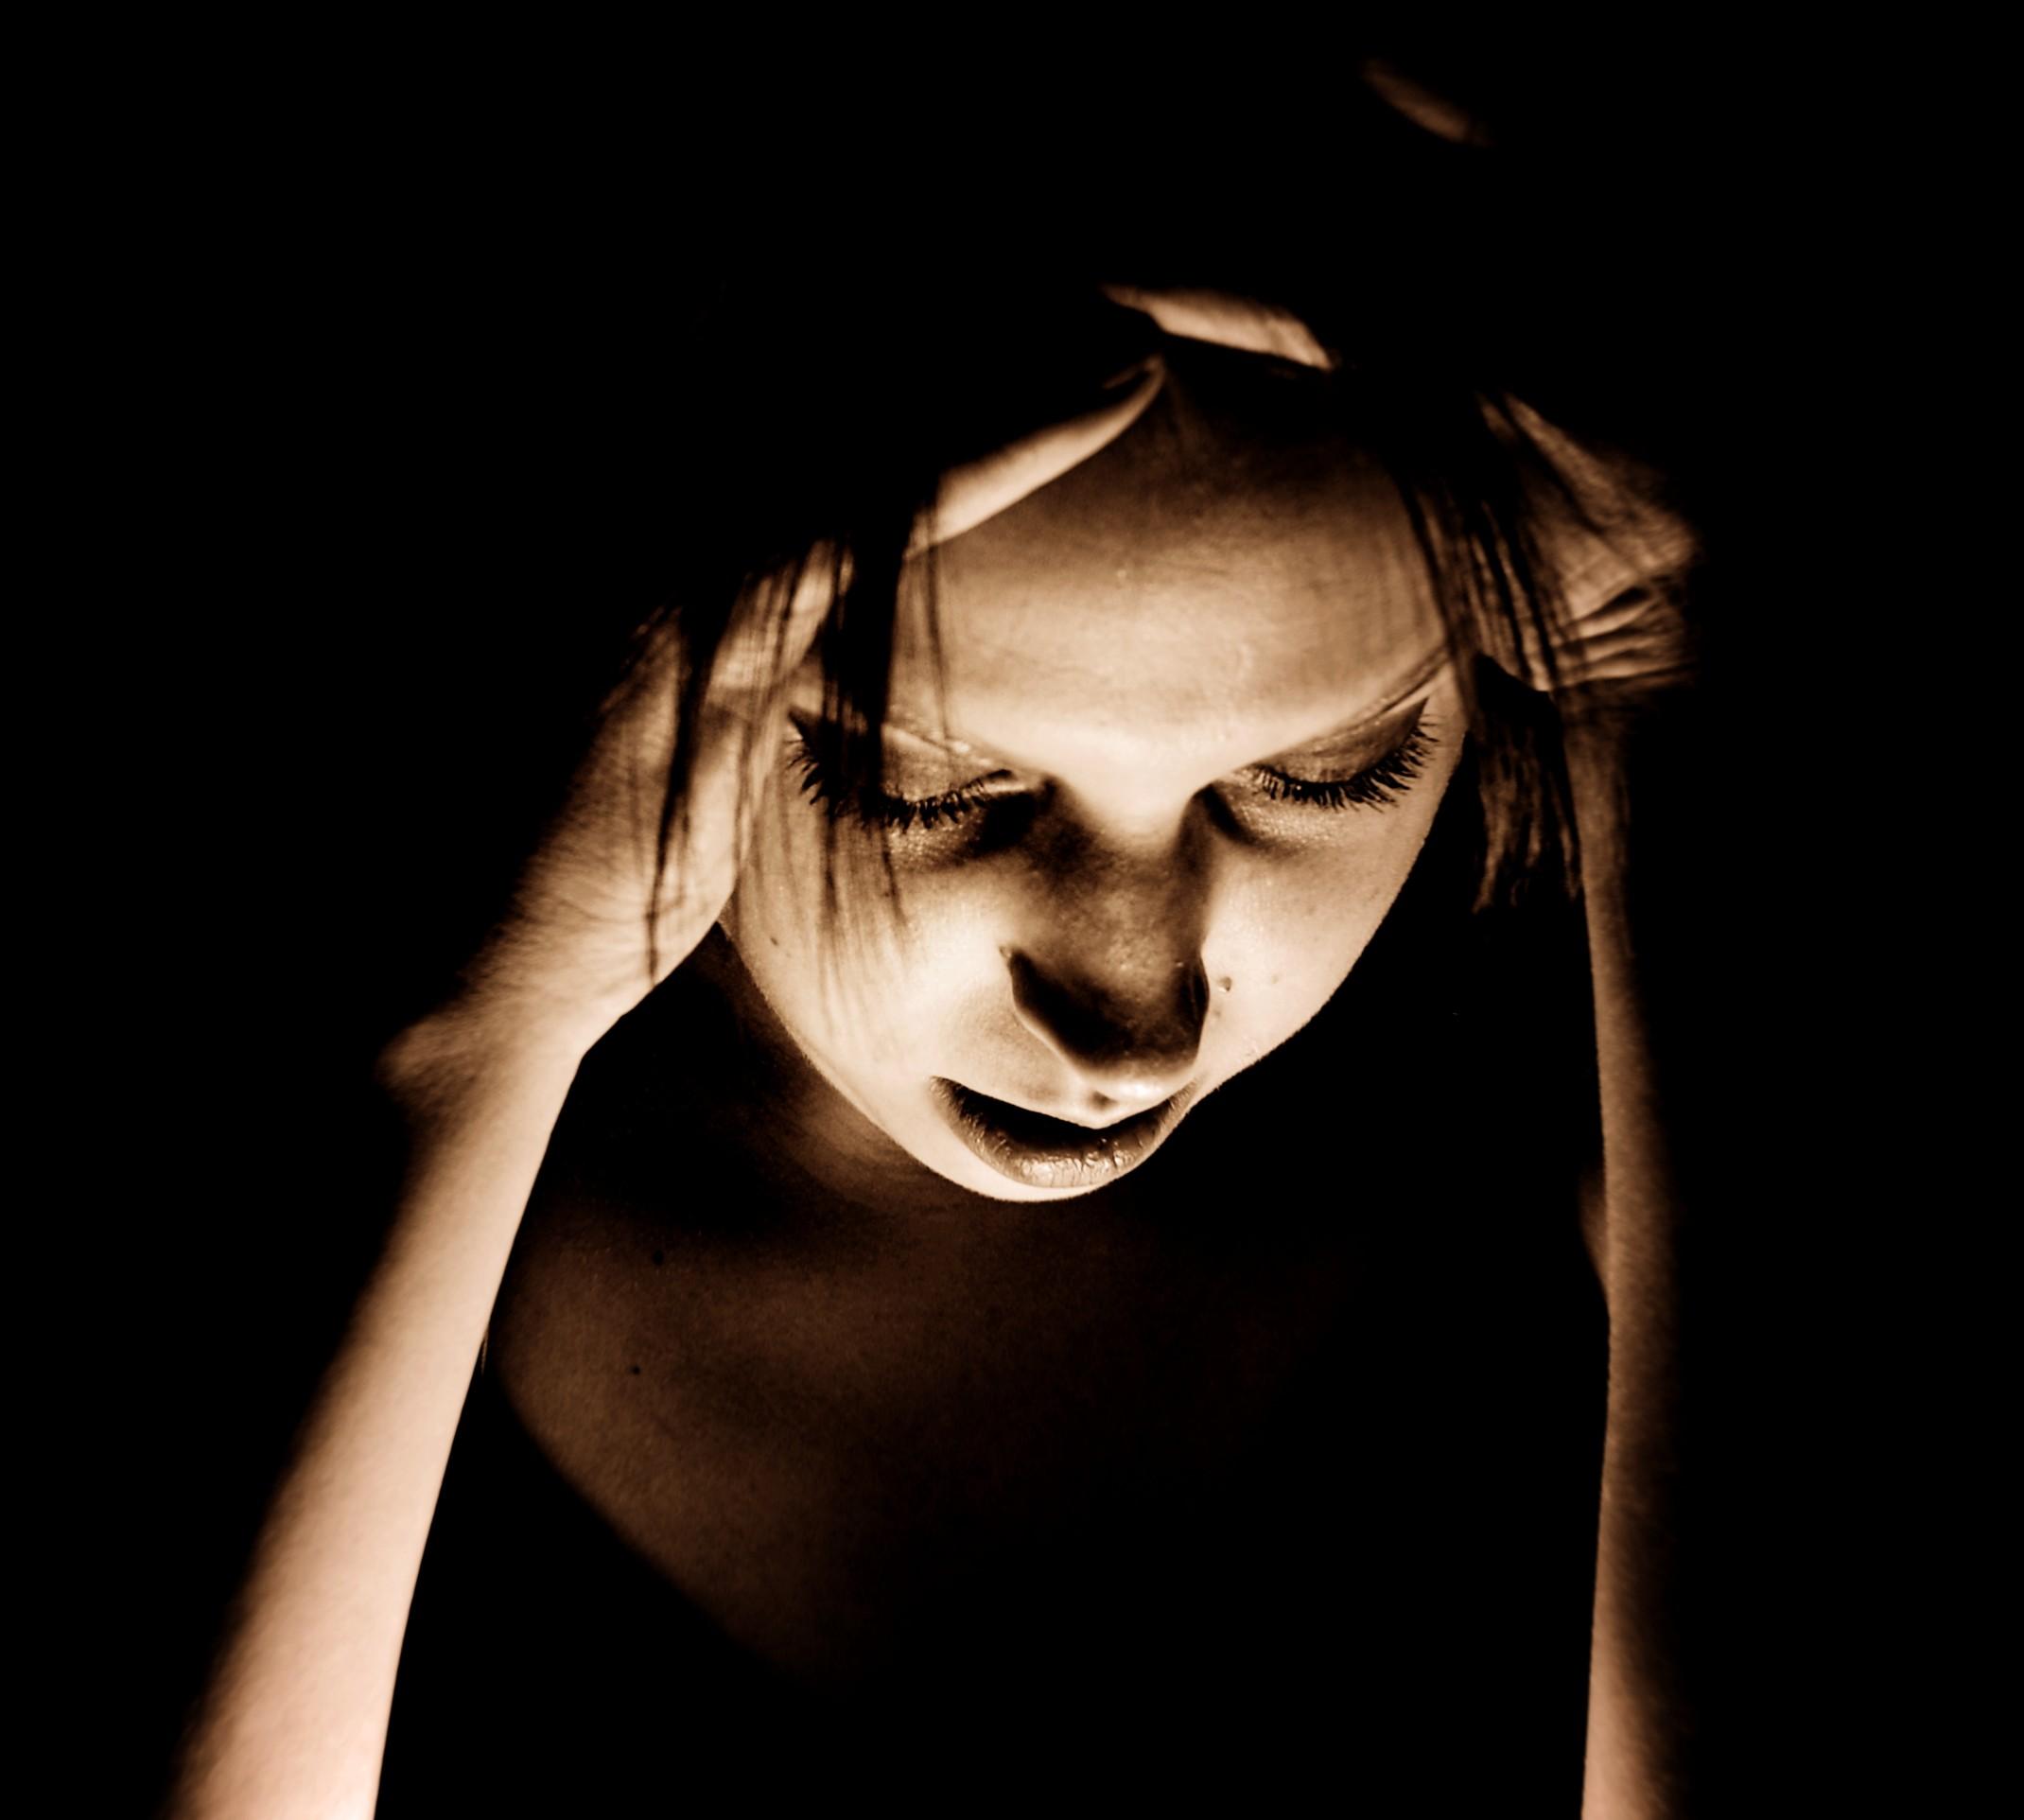 Vieme, ako sa zbaviť bolesti hlavy bez tabletiek!